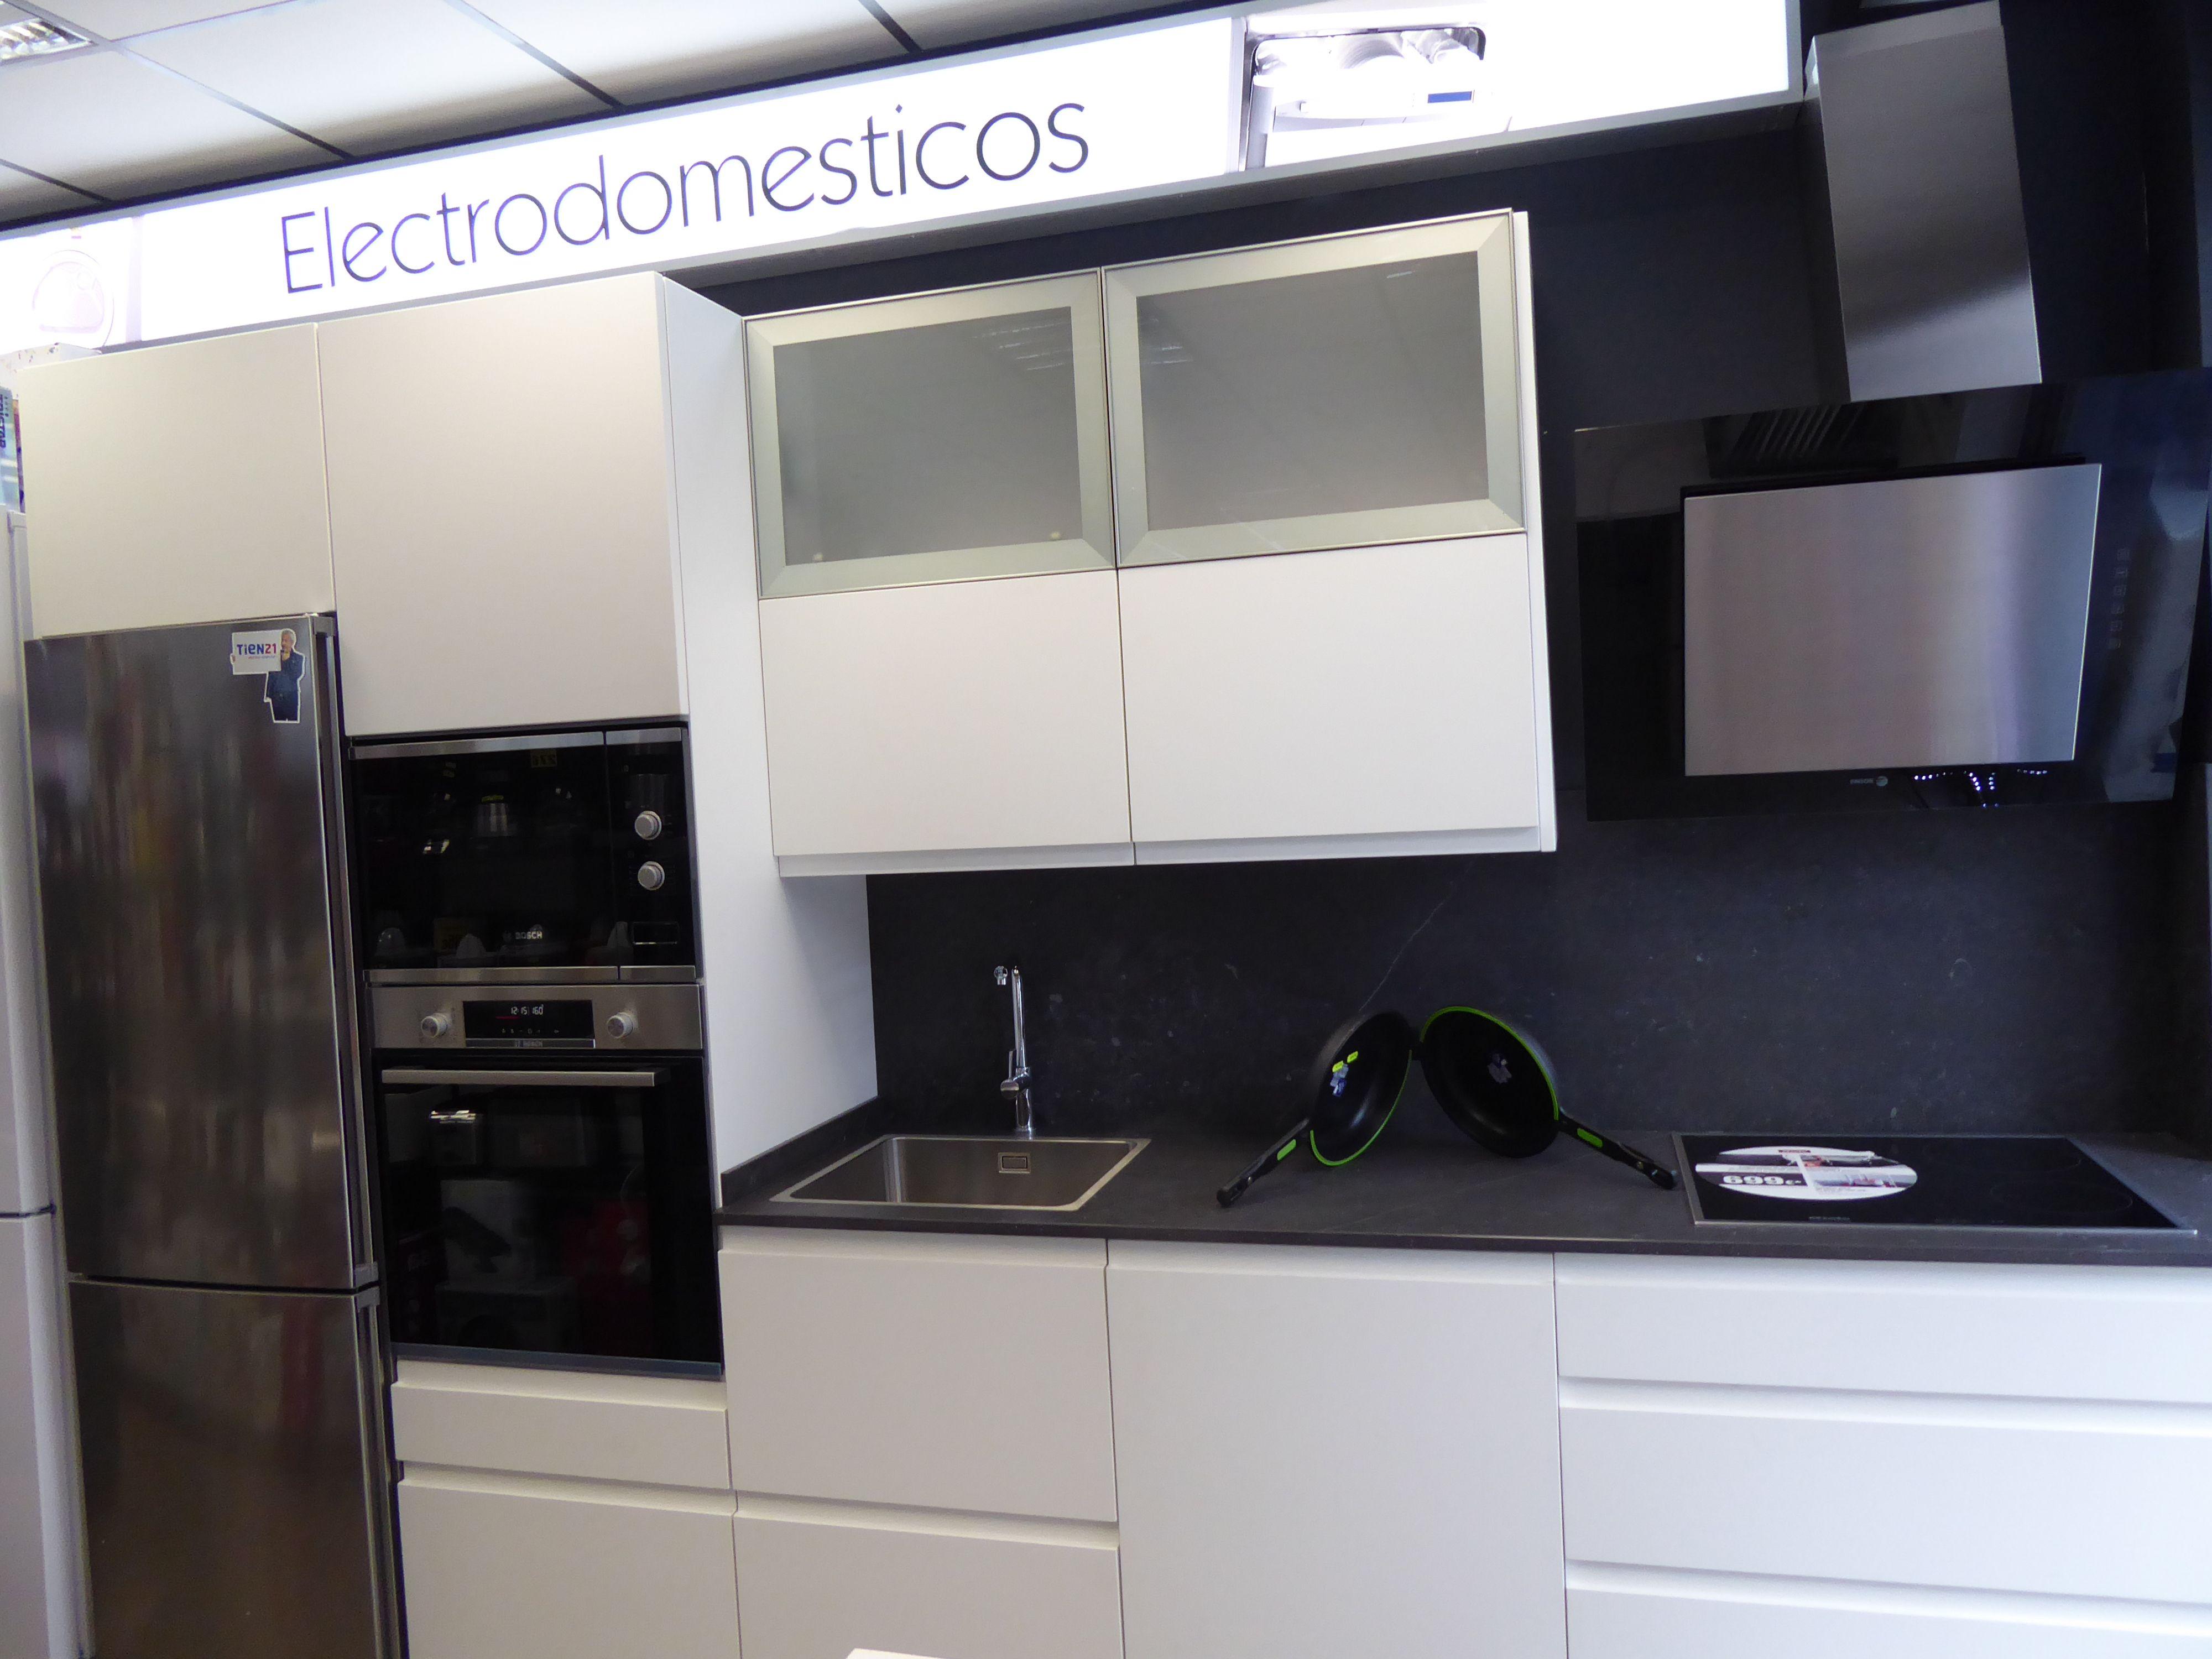 Foto 17 de Electrodomésticos en  | Izarra Electrodomésticos en Tien 21